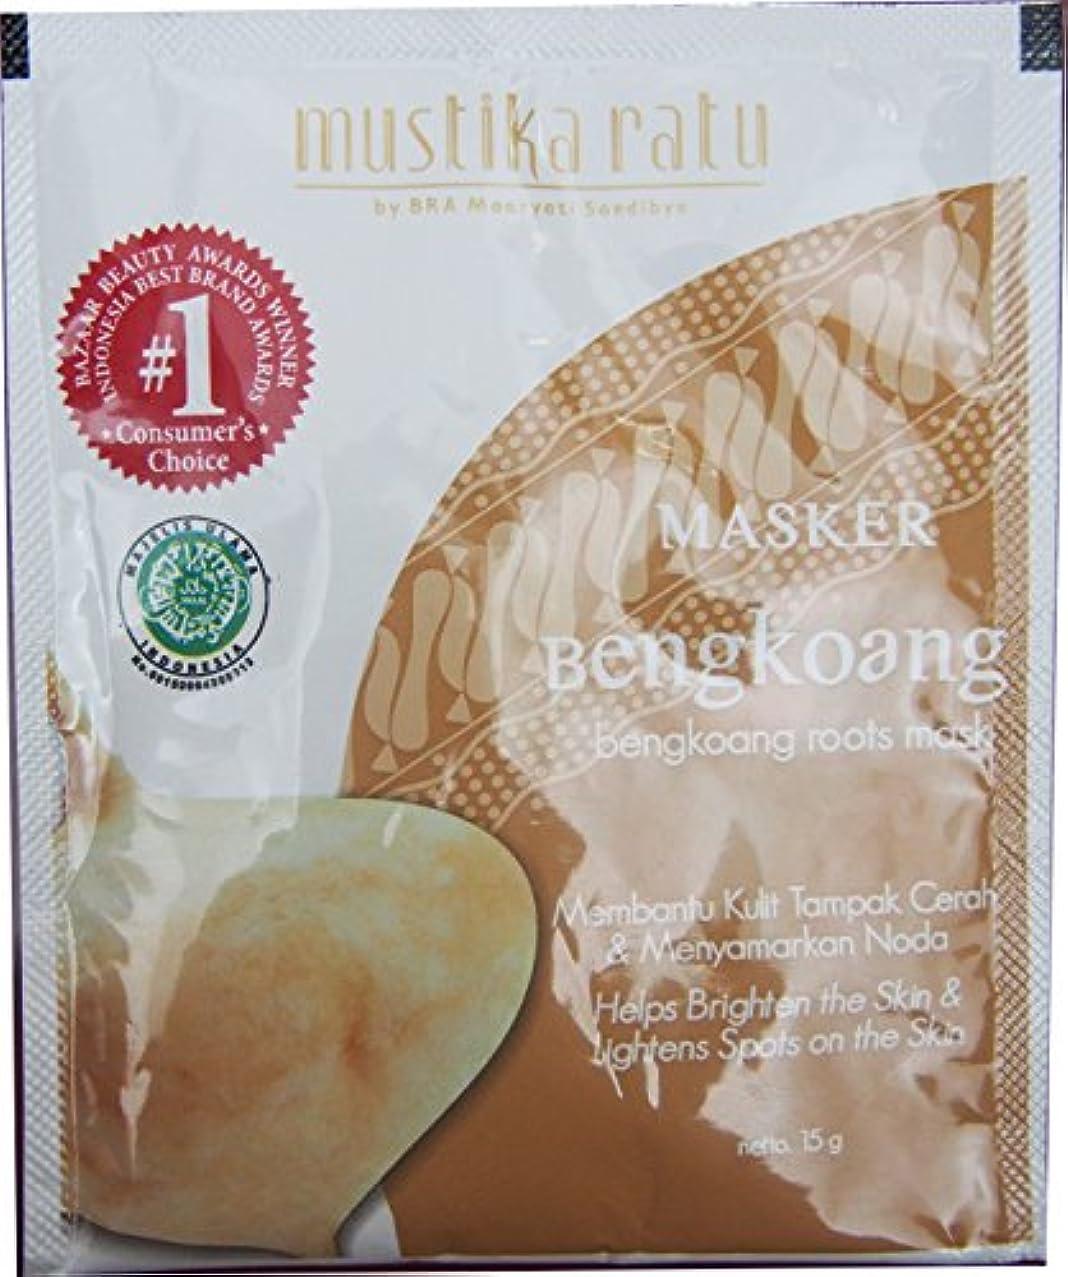 帆トランクライブラリ素子Masker Bengkoang bengkoangのルーツは/マスク - スキンを明るく支援します&スキン上のスポットを明るくし - 10パック